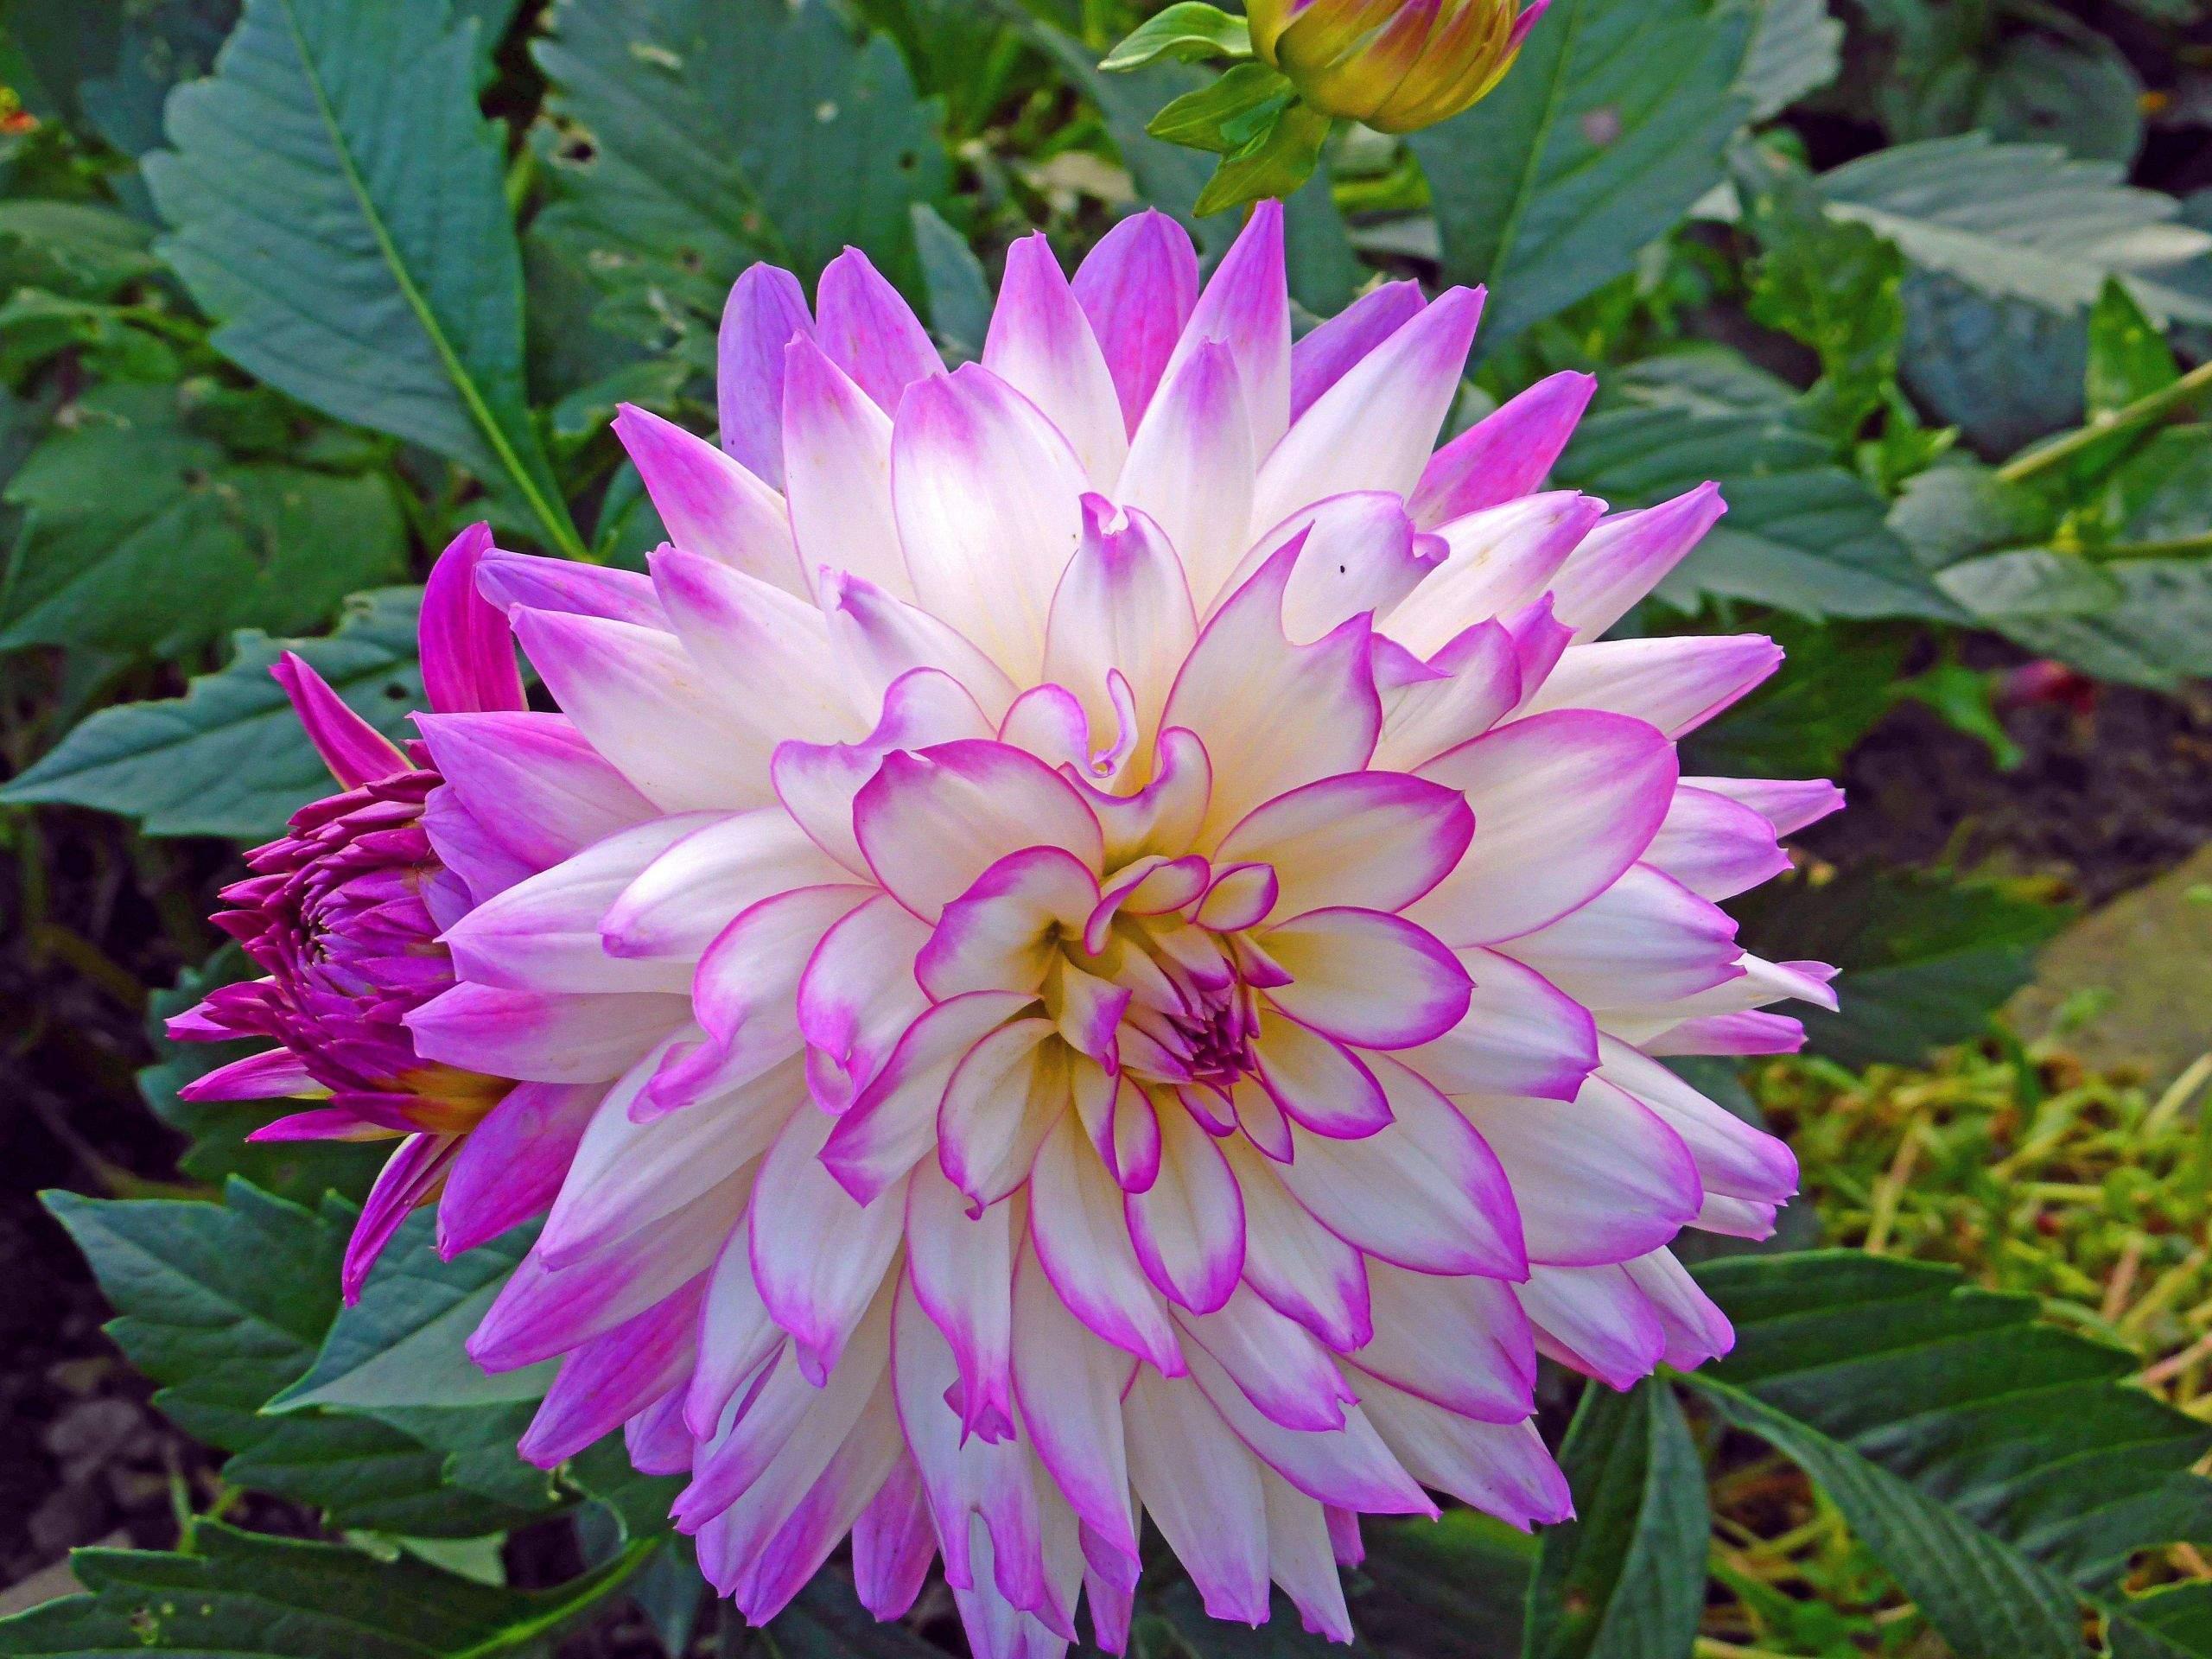 lilien im garten schon dahlie im garten dahlien uberwintern in schmid s of lilien im garten scaled